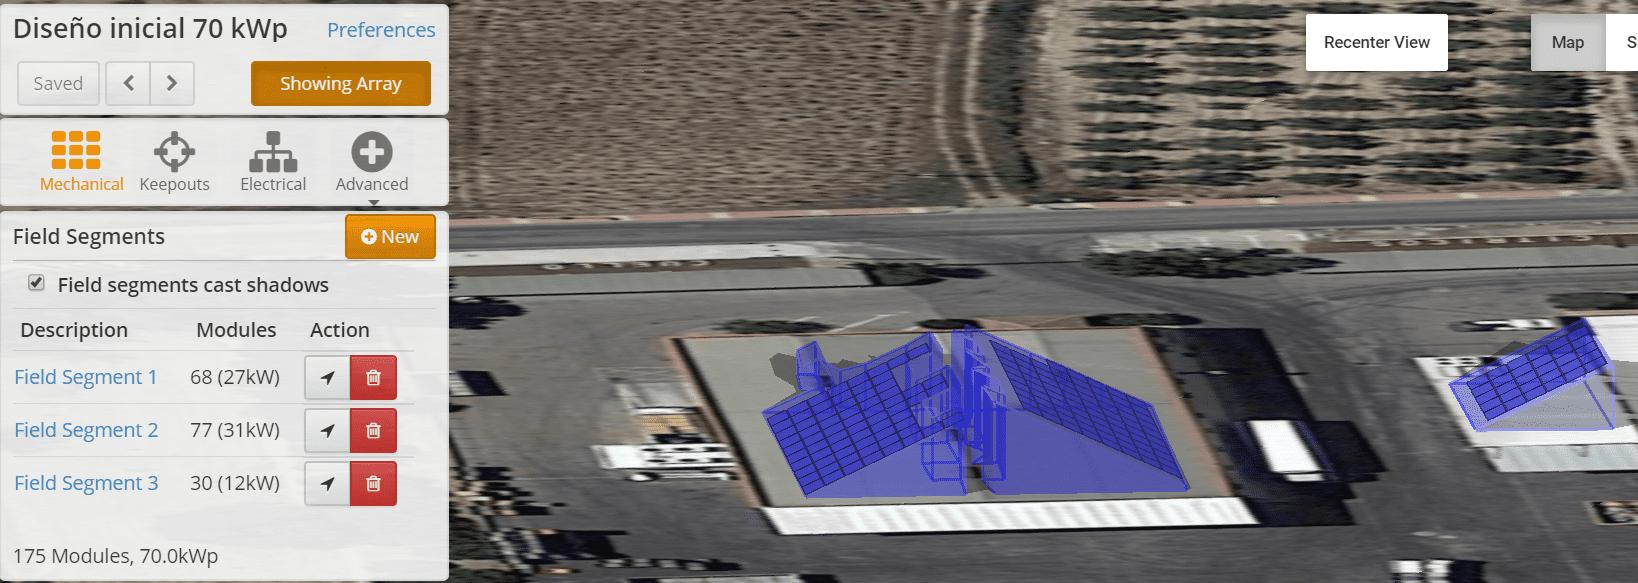 Diseño instalación solar autoconsumo. Vista en alzado de la instalación solar de autoconsumo